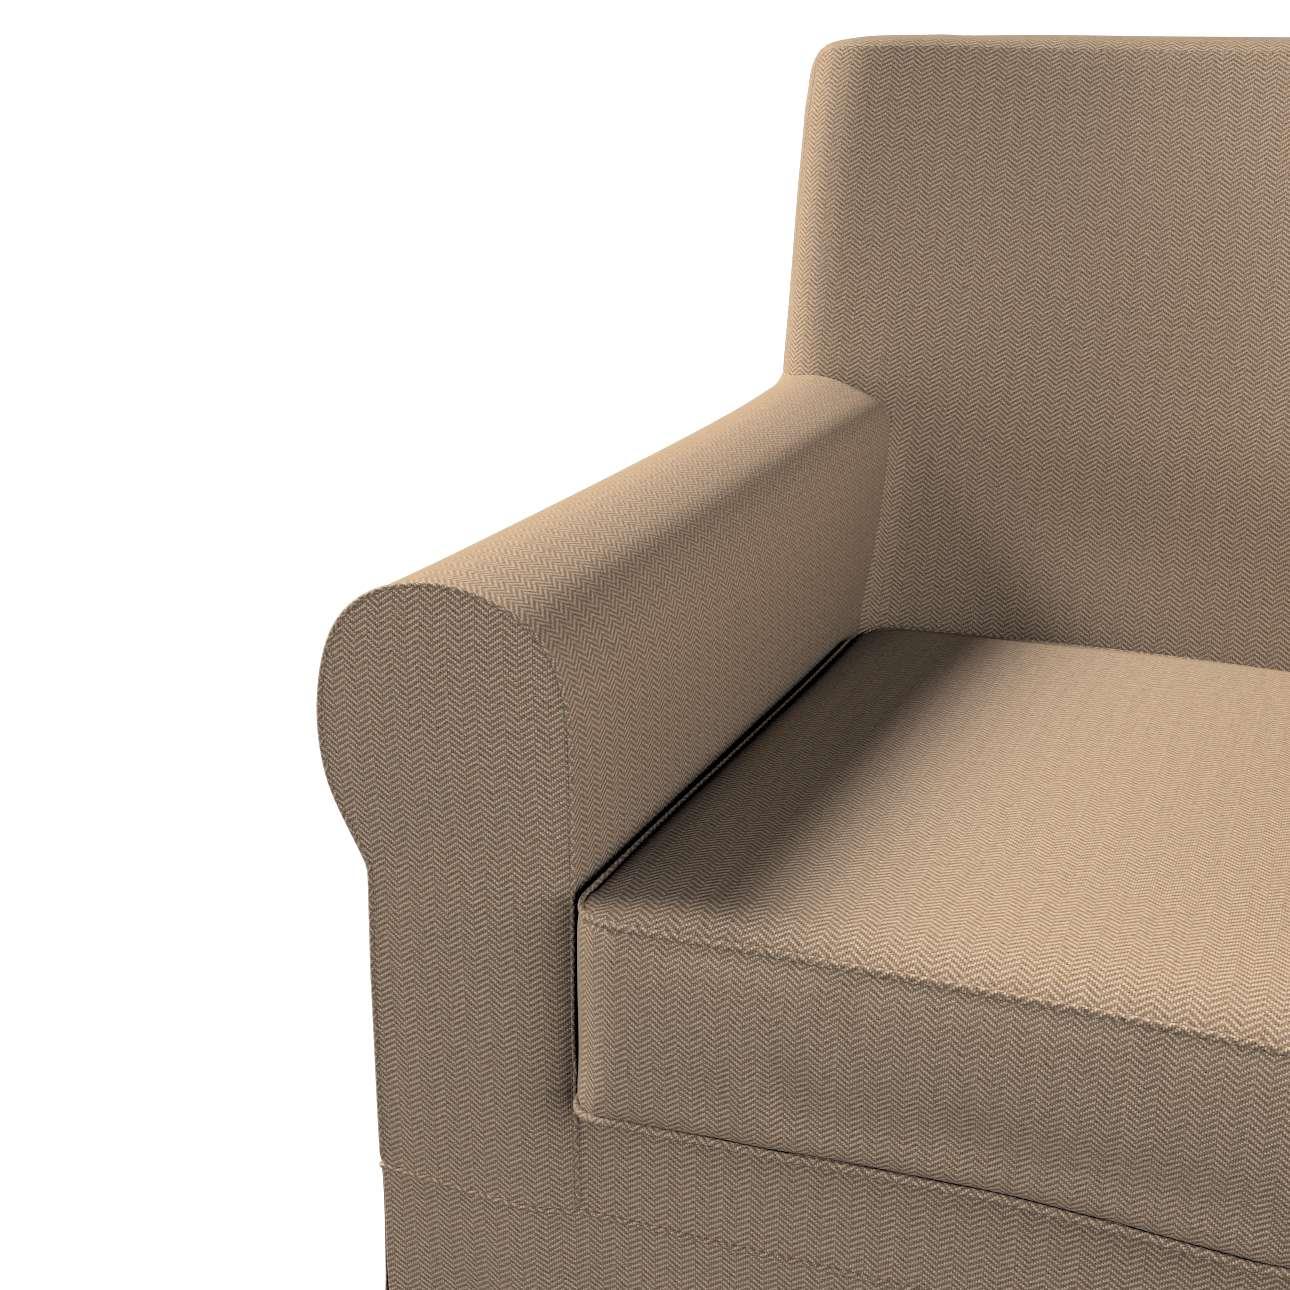 Pokrowiec na fotel Ektorp Jennylund w kolekcji Bergen, tkanina: 161-85